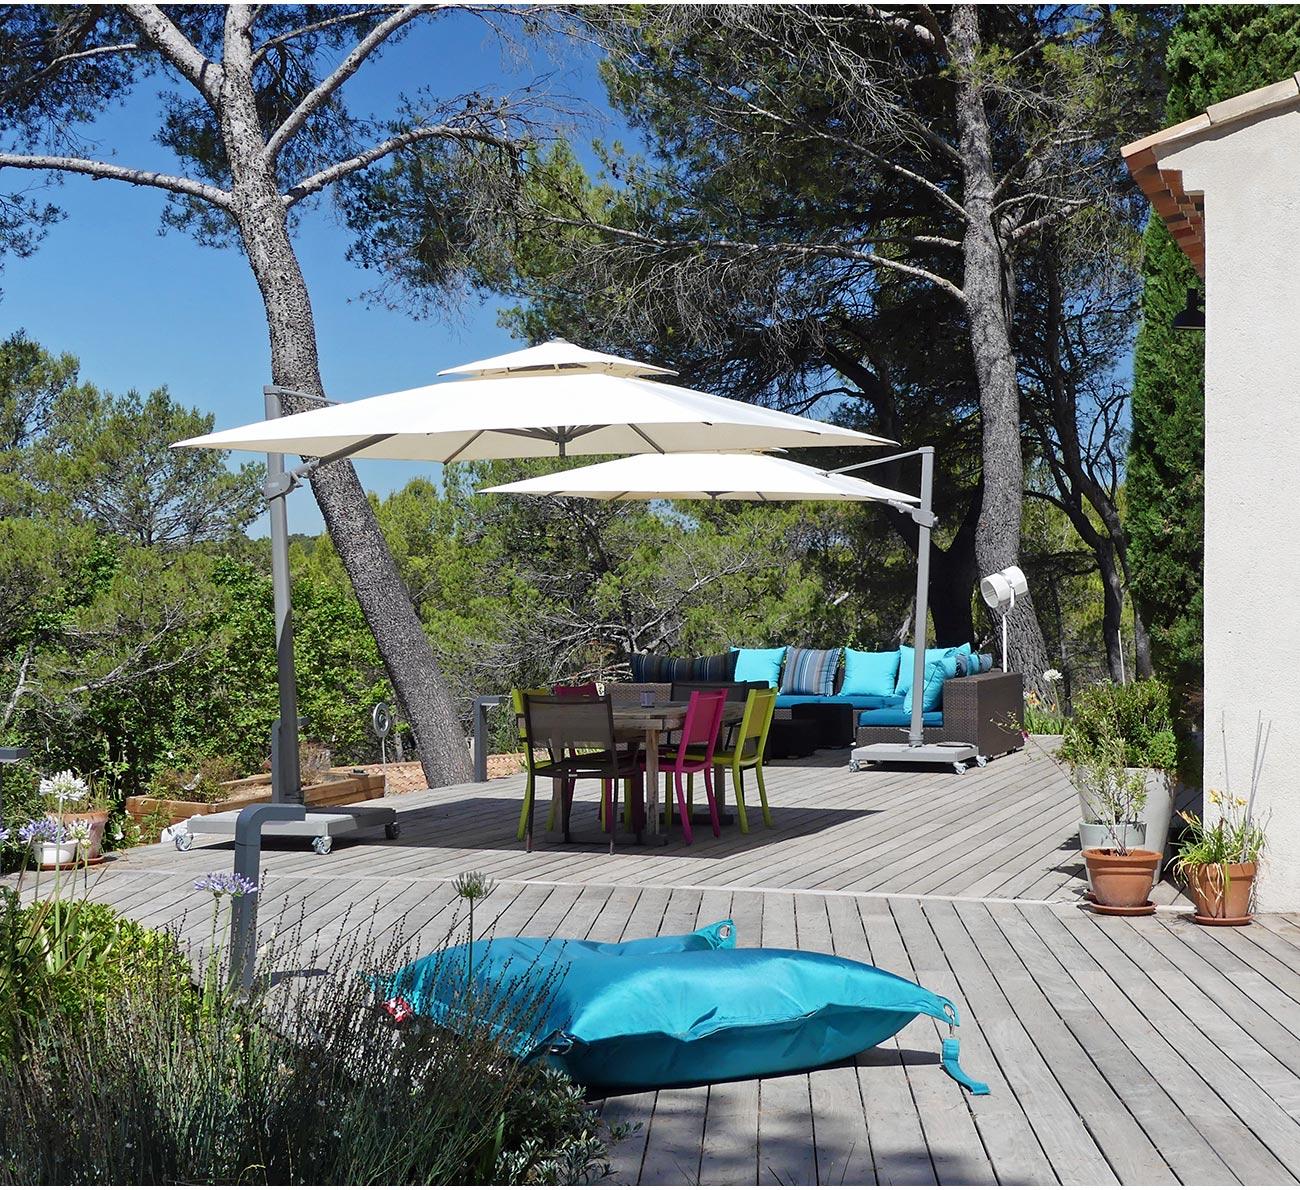 Atelier Naudier - Architecte paysagiste concepteur - Montpellier et Aix en Provence - Terrasse bois et mobilier de jardin - aménagement jardin